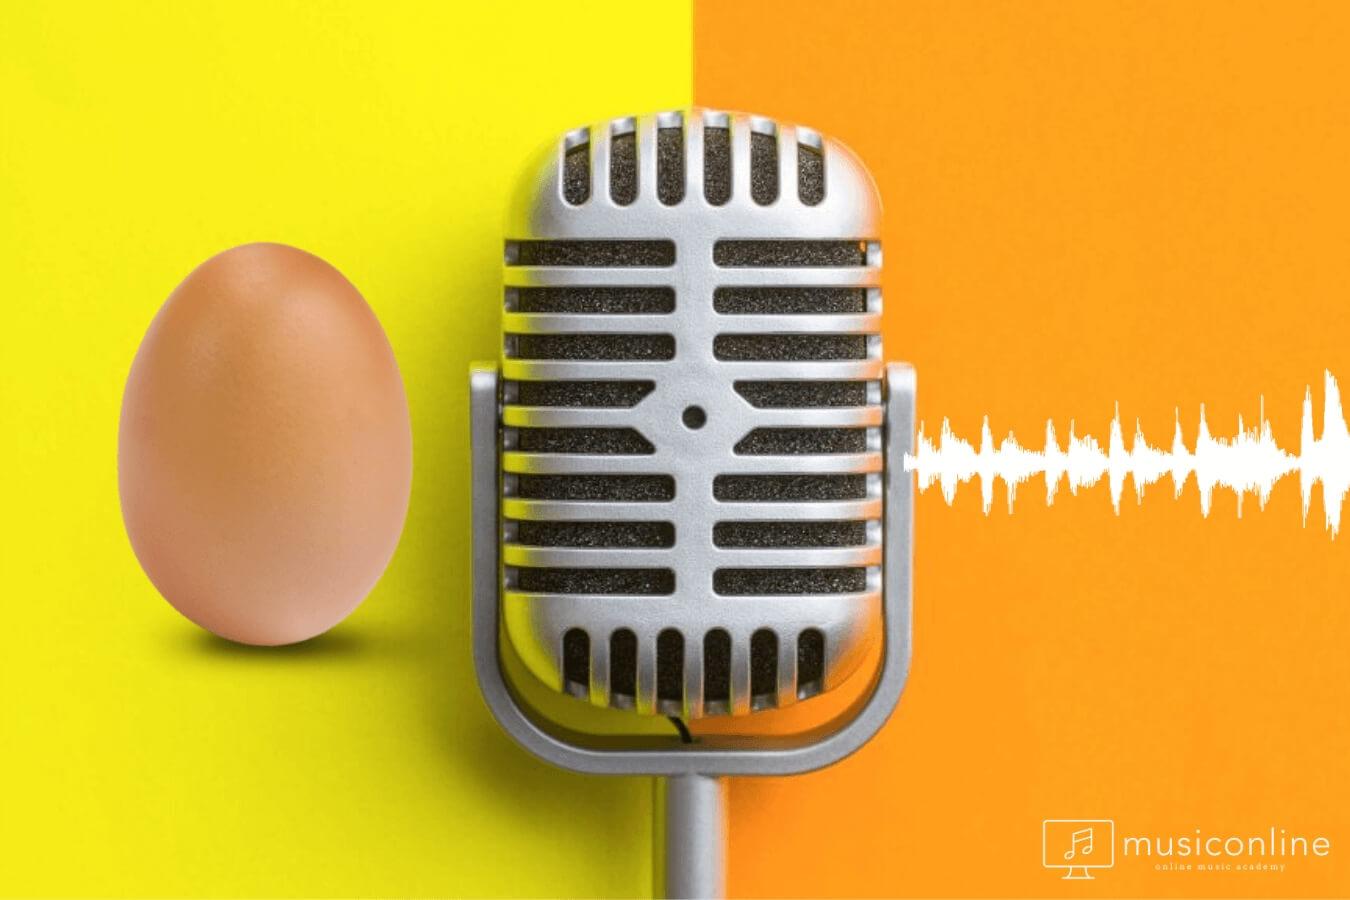 Çiğ Yumurta Sesi Güzelleştirir mi?